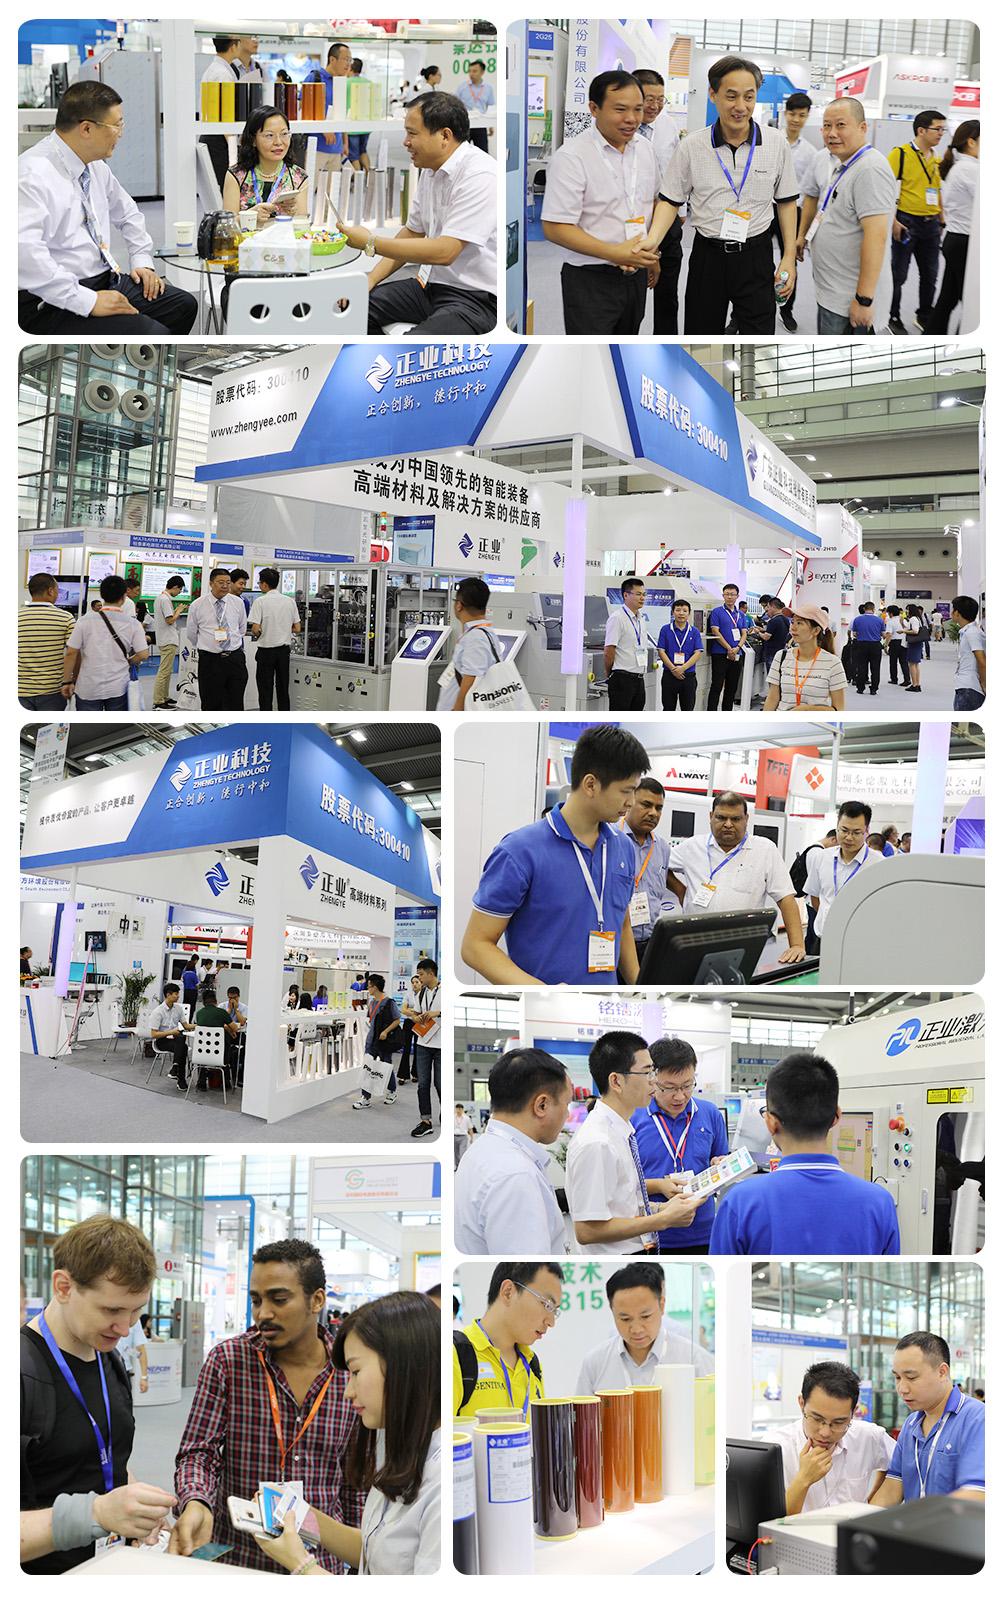 正业科技隆重参加深圳国际电路板采购展览会